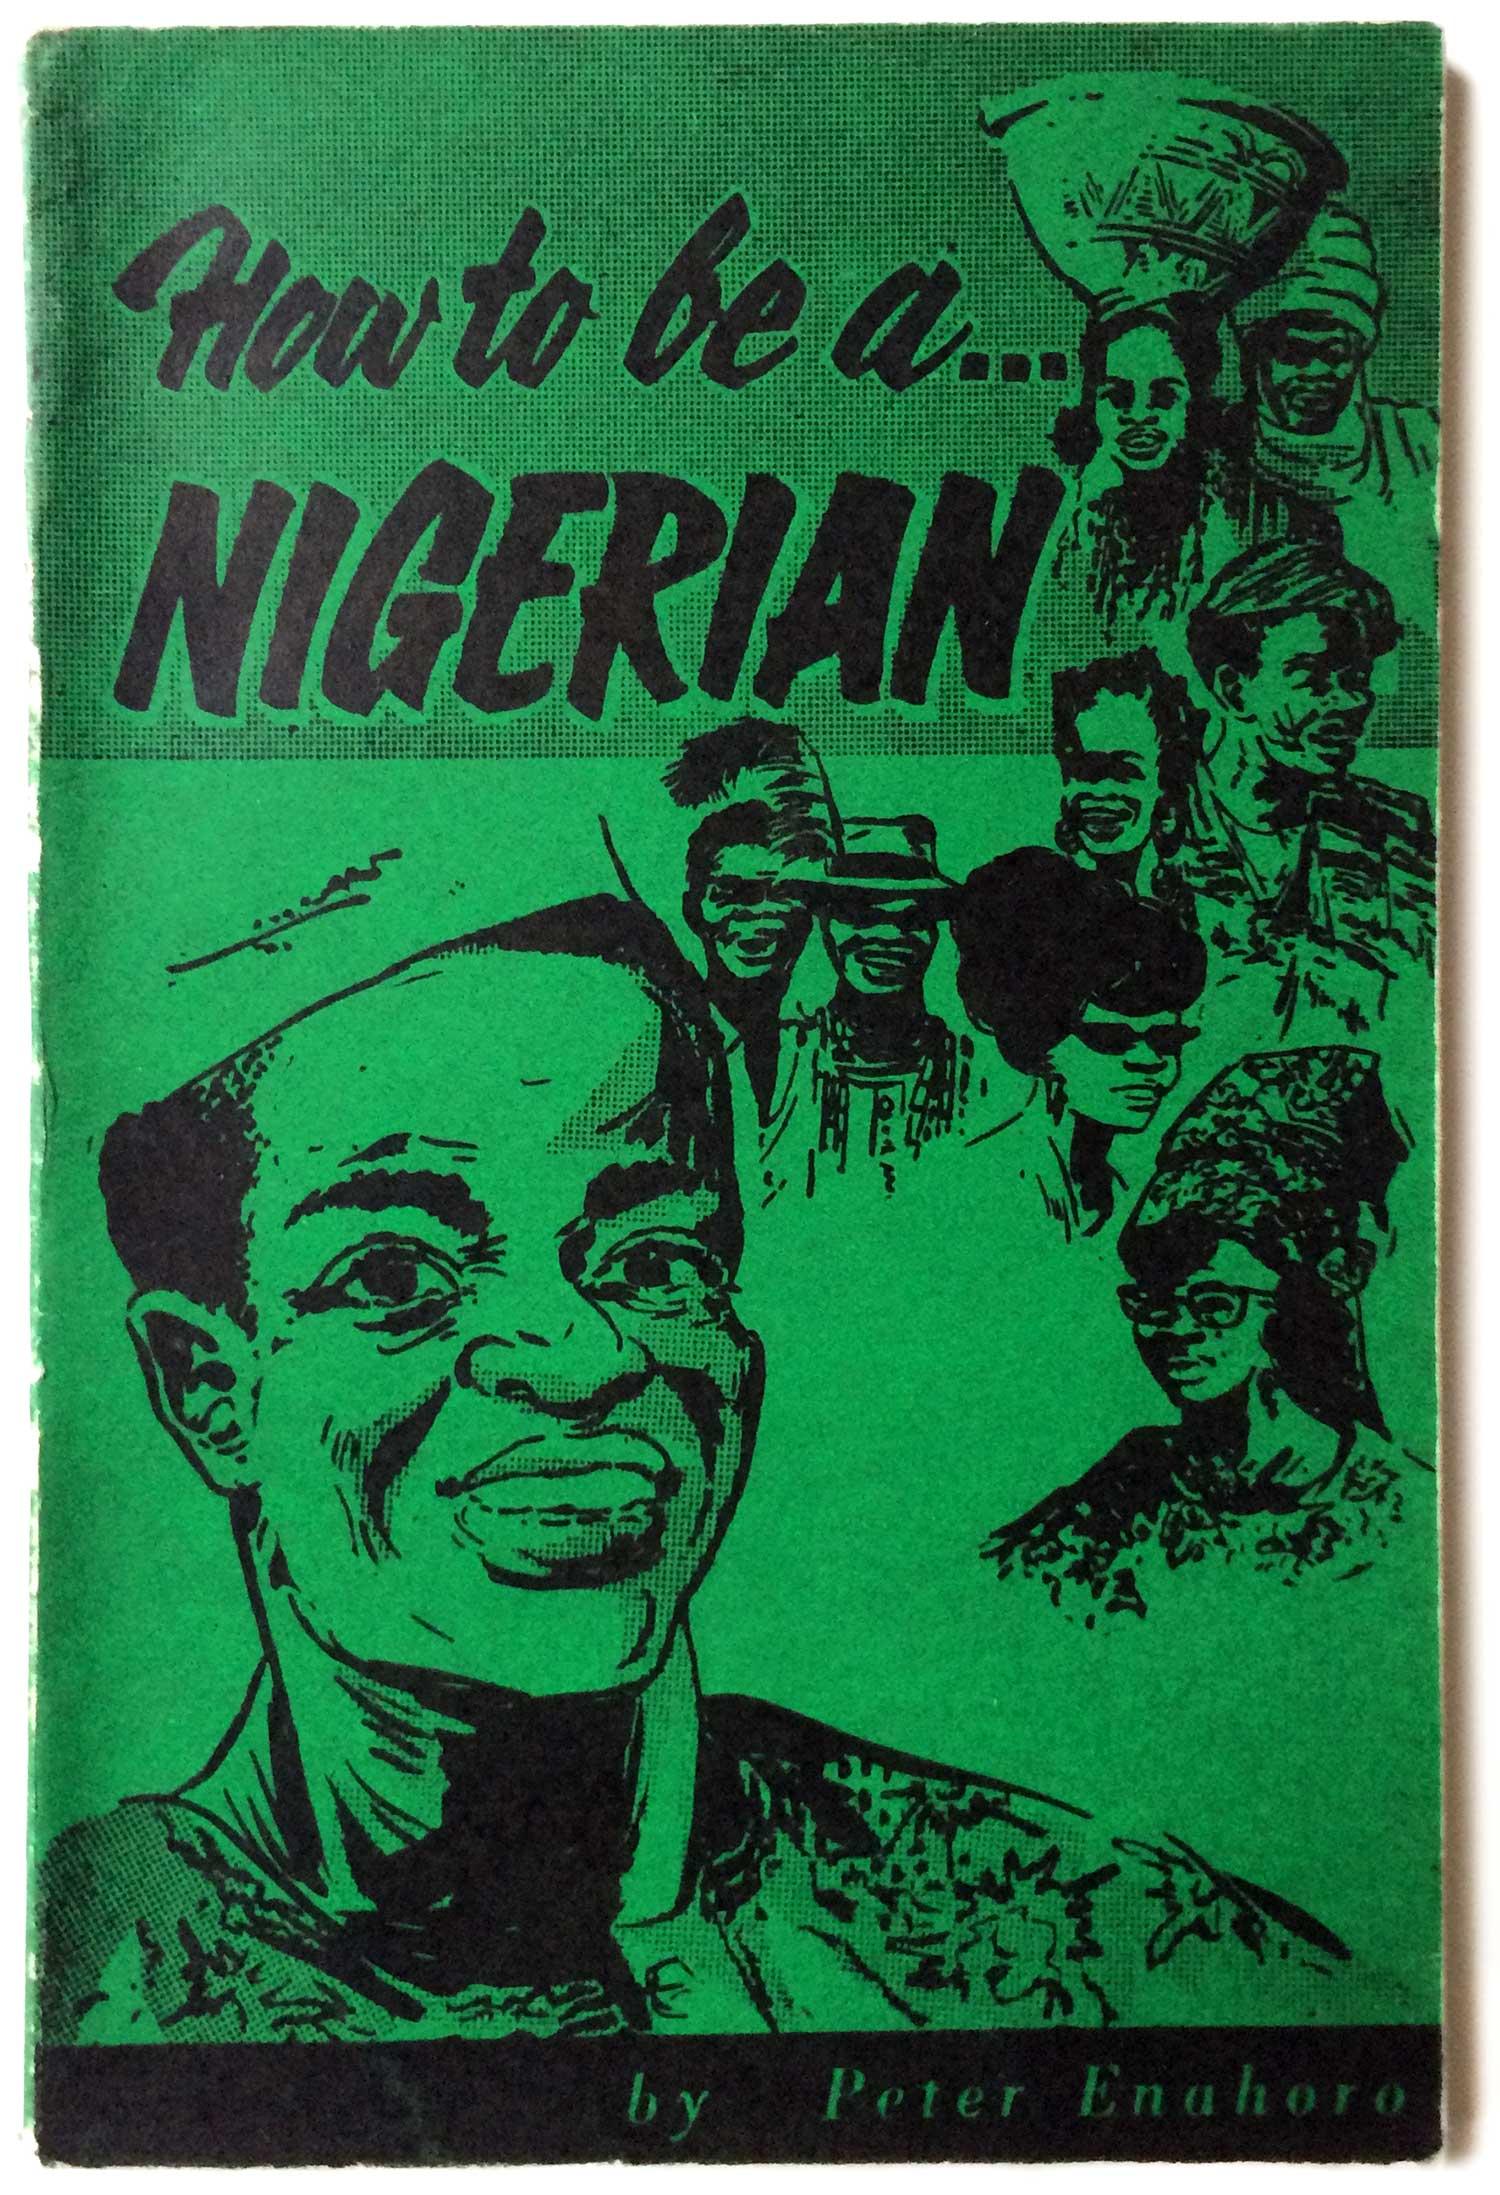 Enahoro_HowToBeNigerian